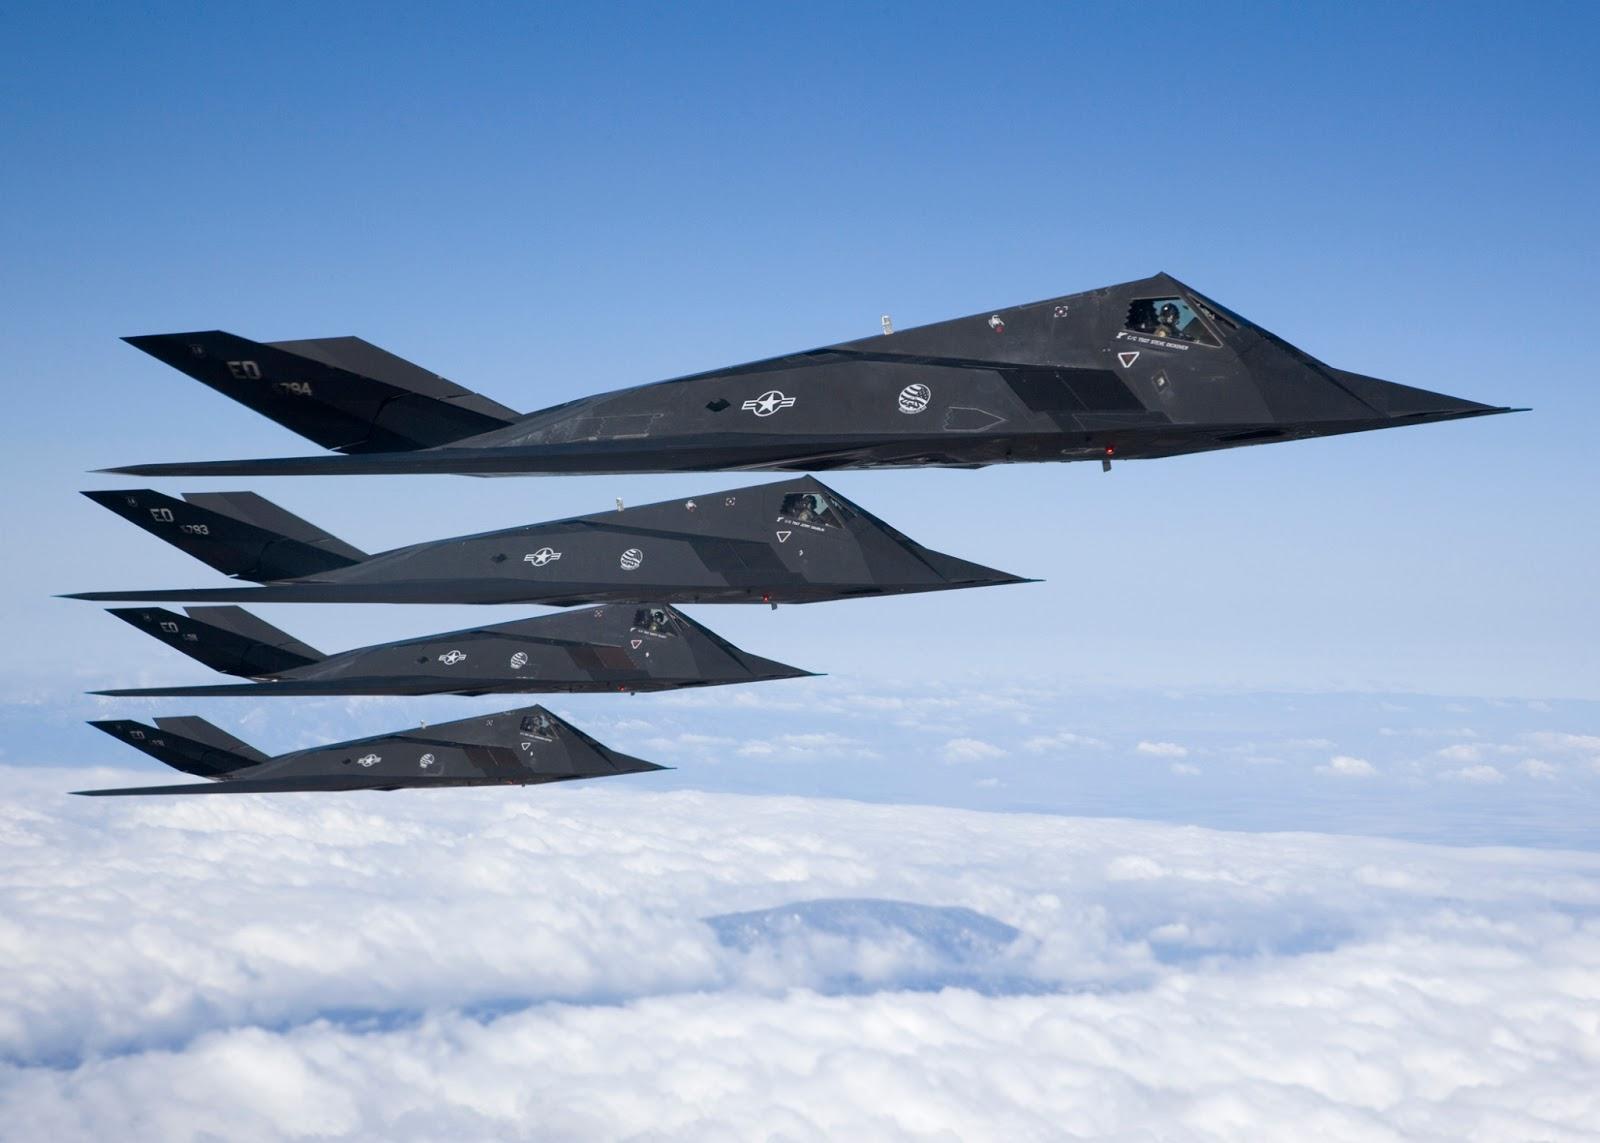 F-117 Nighthawk Stealth attack aircraft